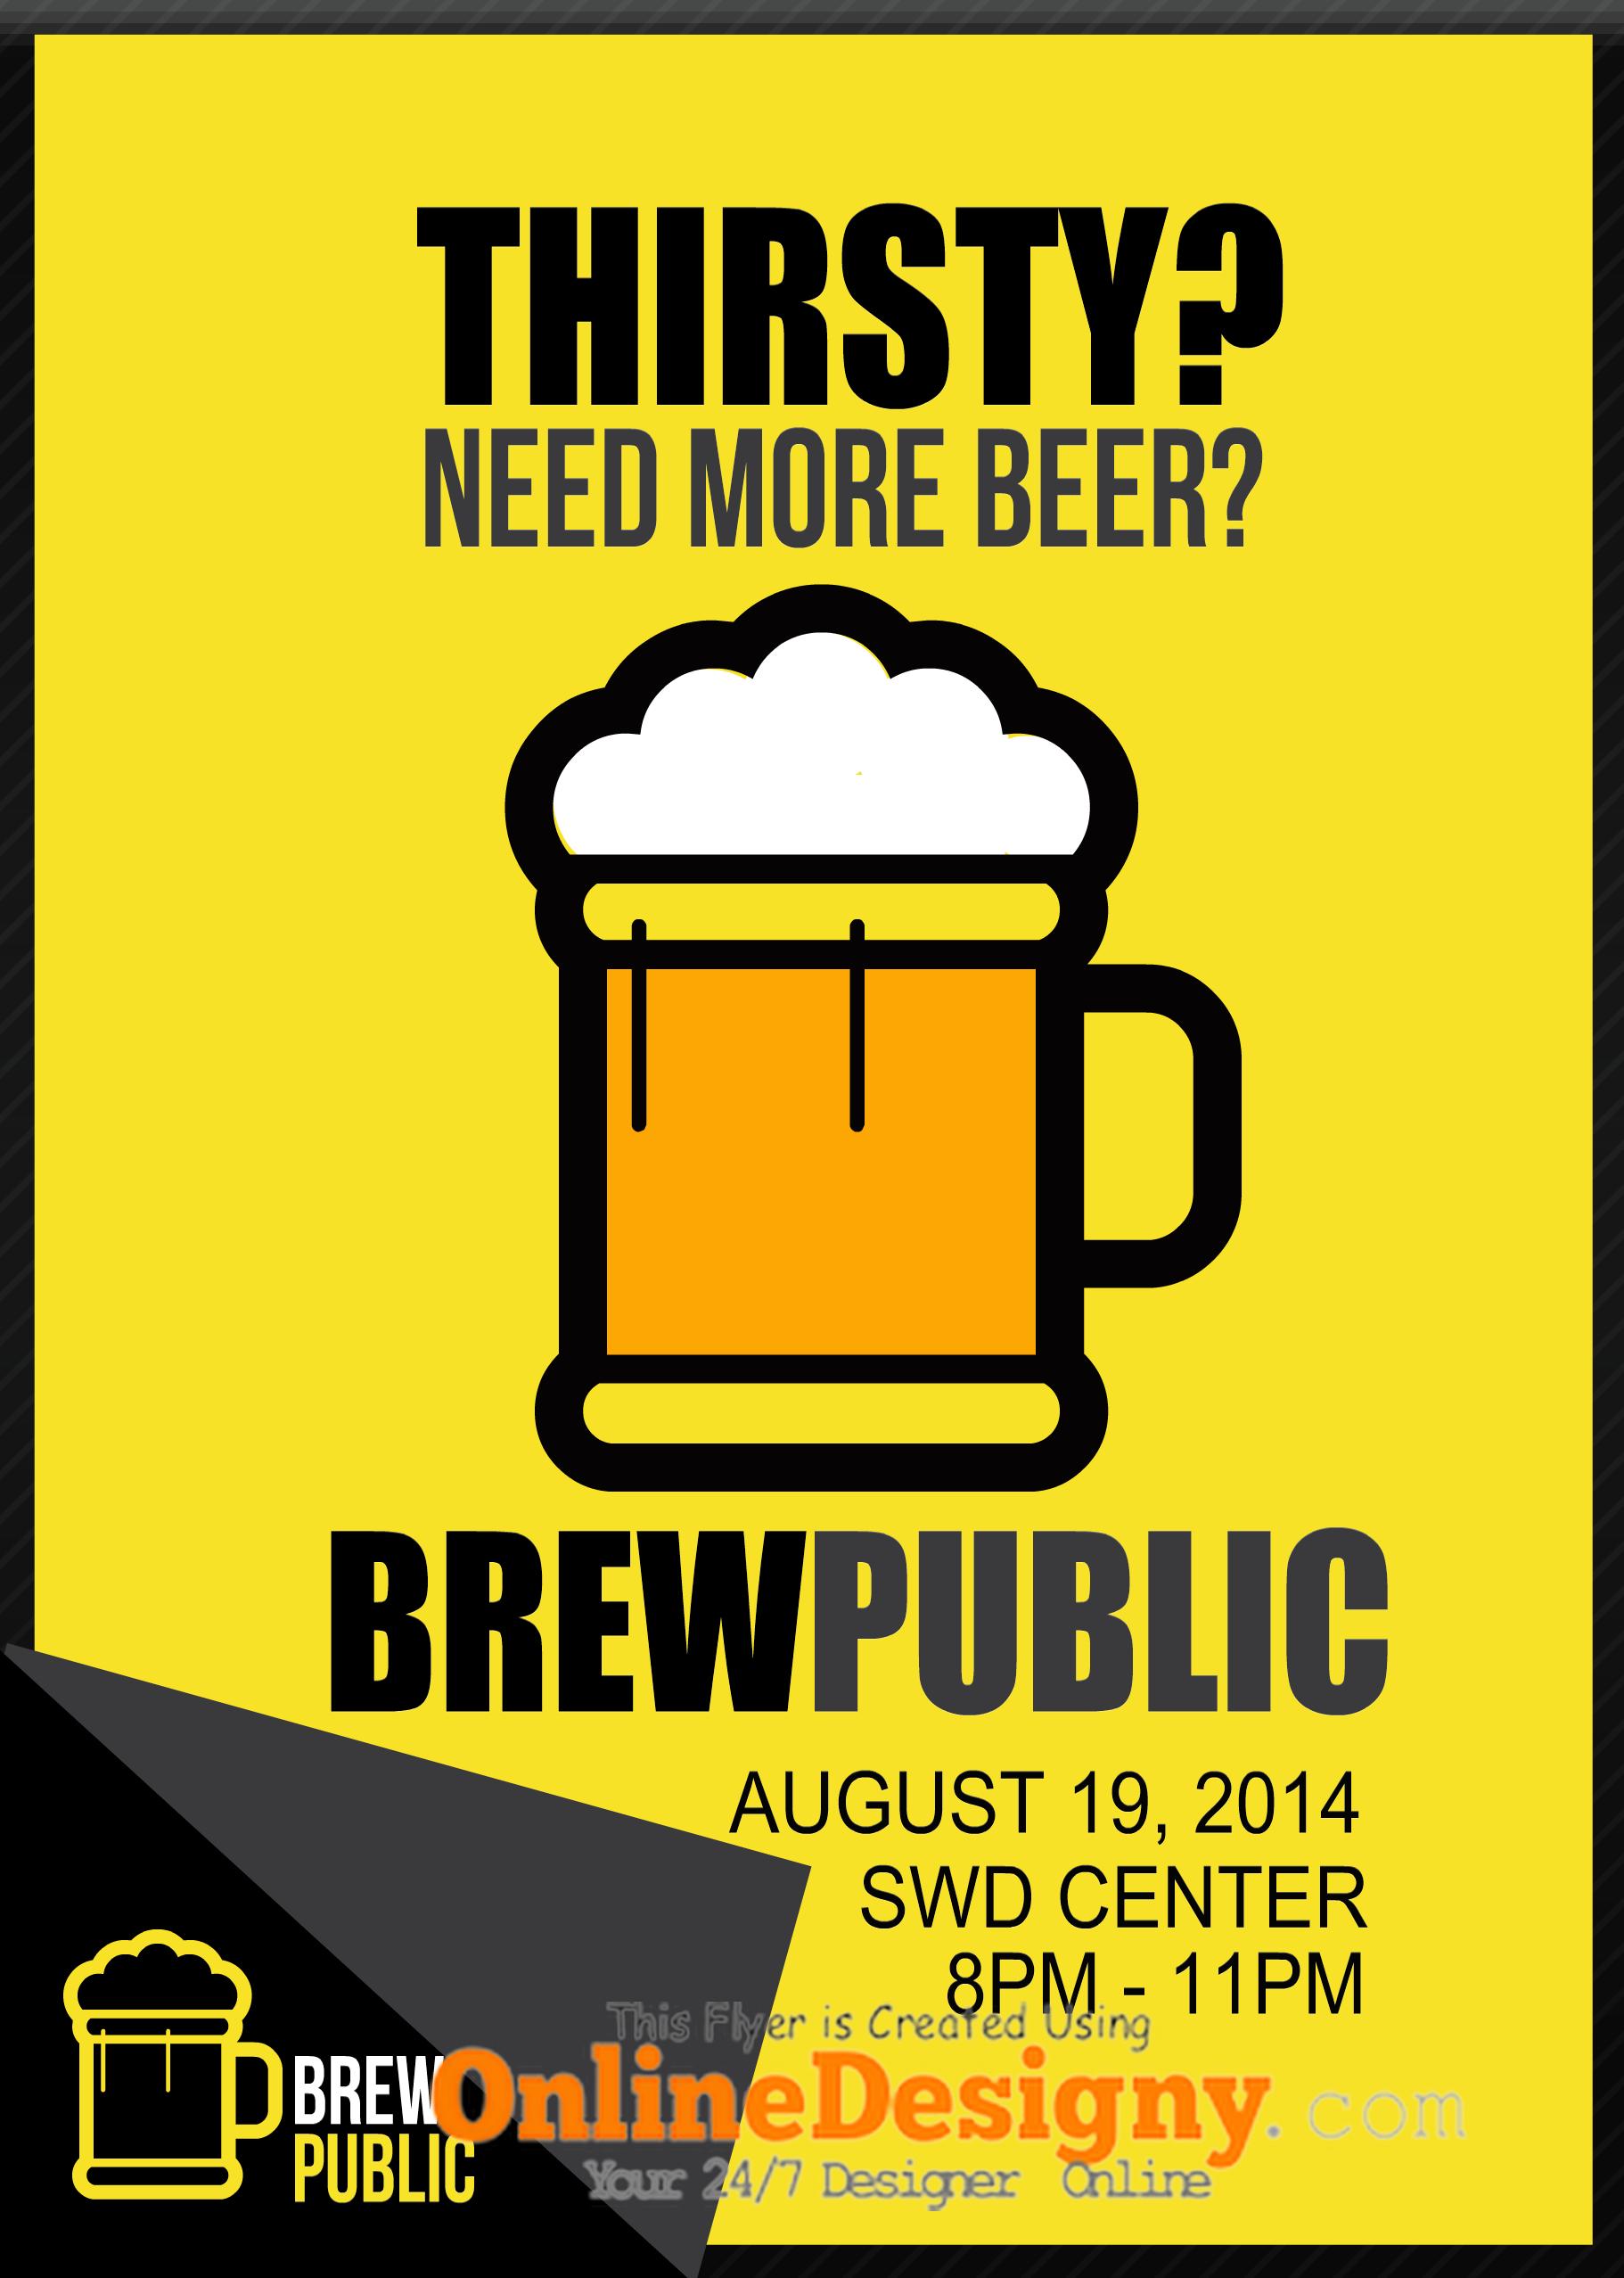 beer bar promotion flyer design | graphic design | pinterest | flyer